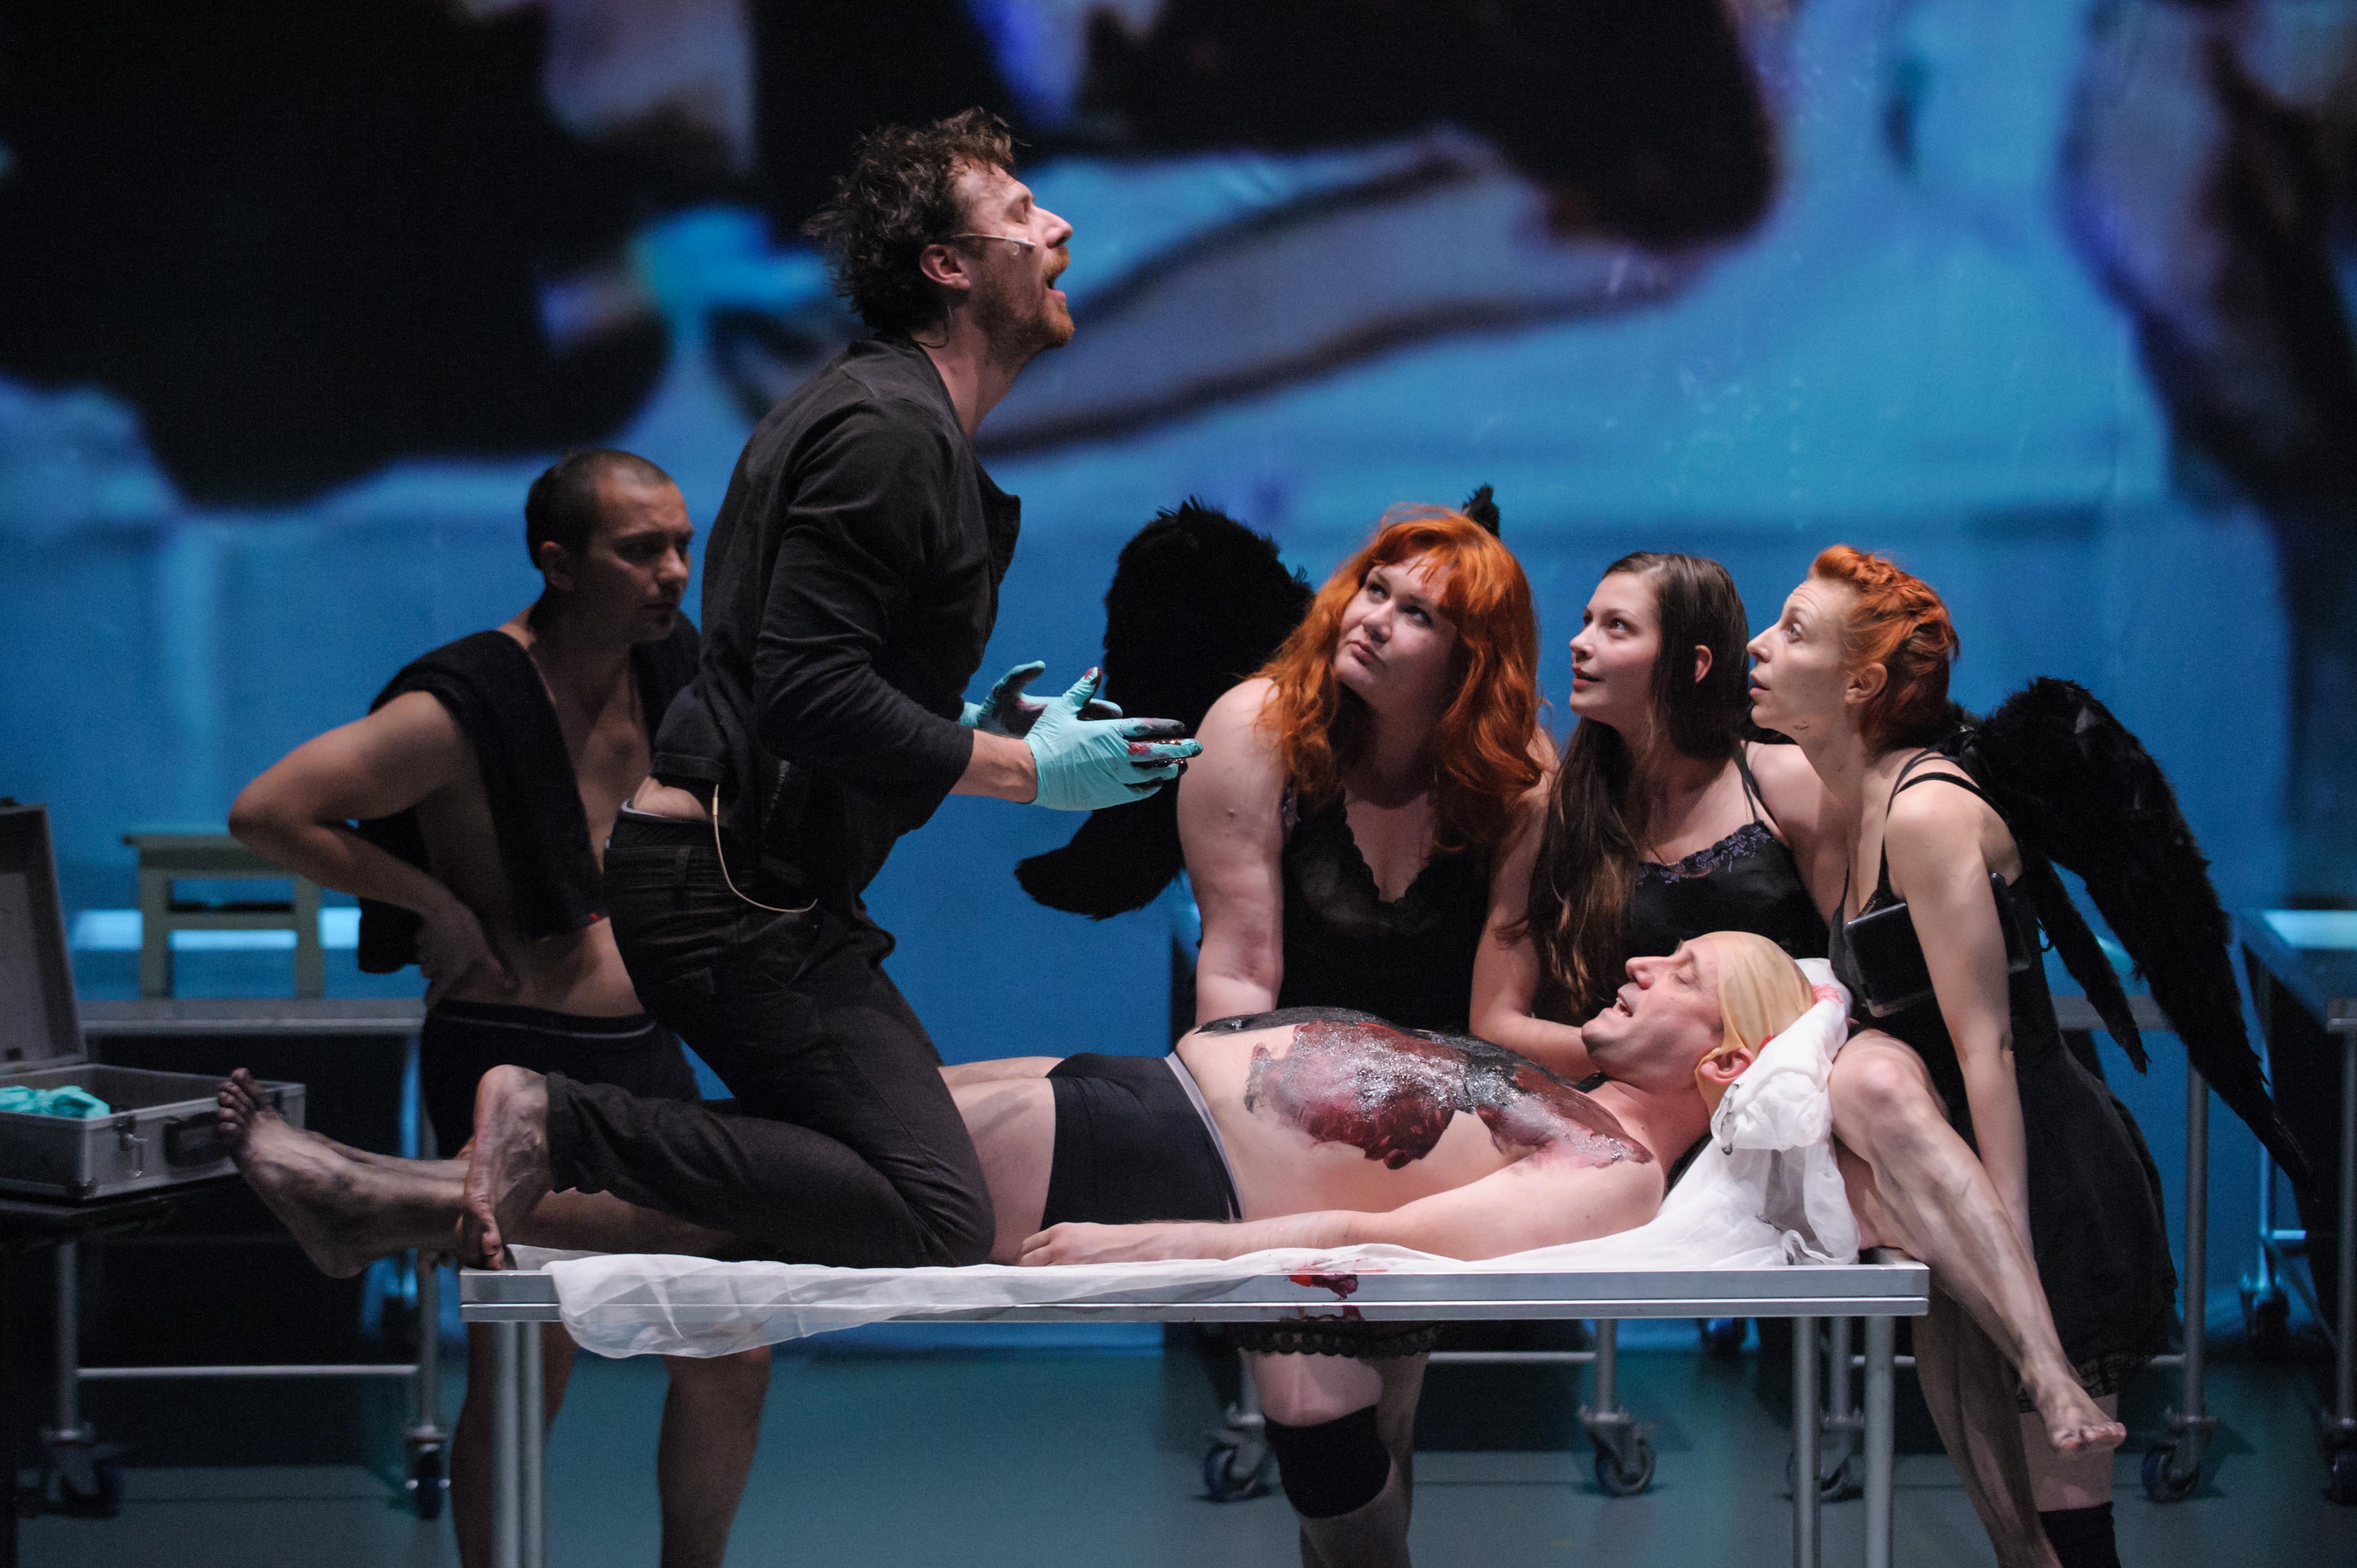 Începe STAGIUNEA la Teatrul Maghiar! Dabija revine după 30 de ani cu un spectacol